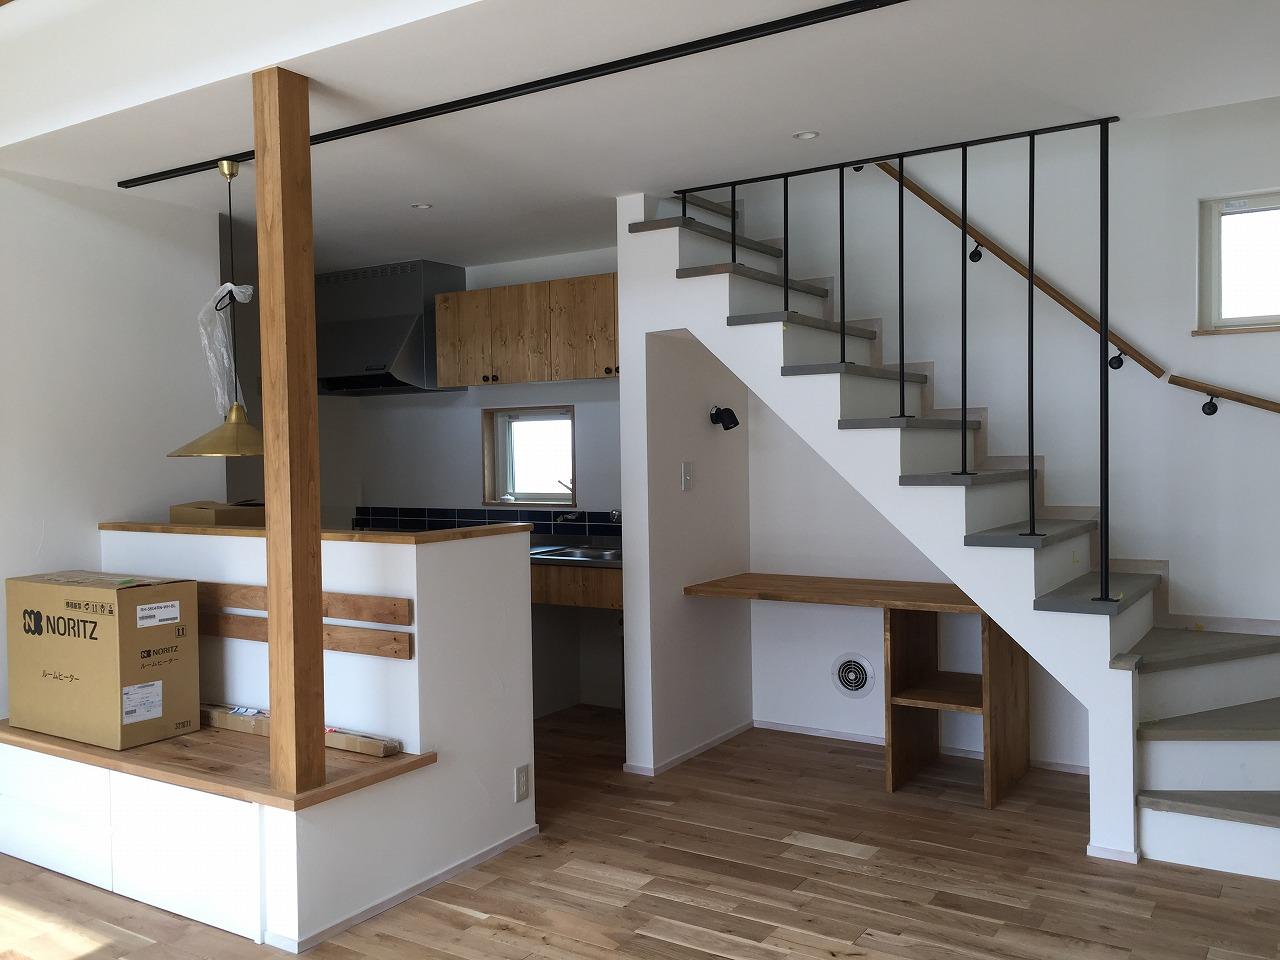 戸建『レトロヴィンテージな家具とシンプル空間。遊びごころを大切にした暮らし』(横浜市)